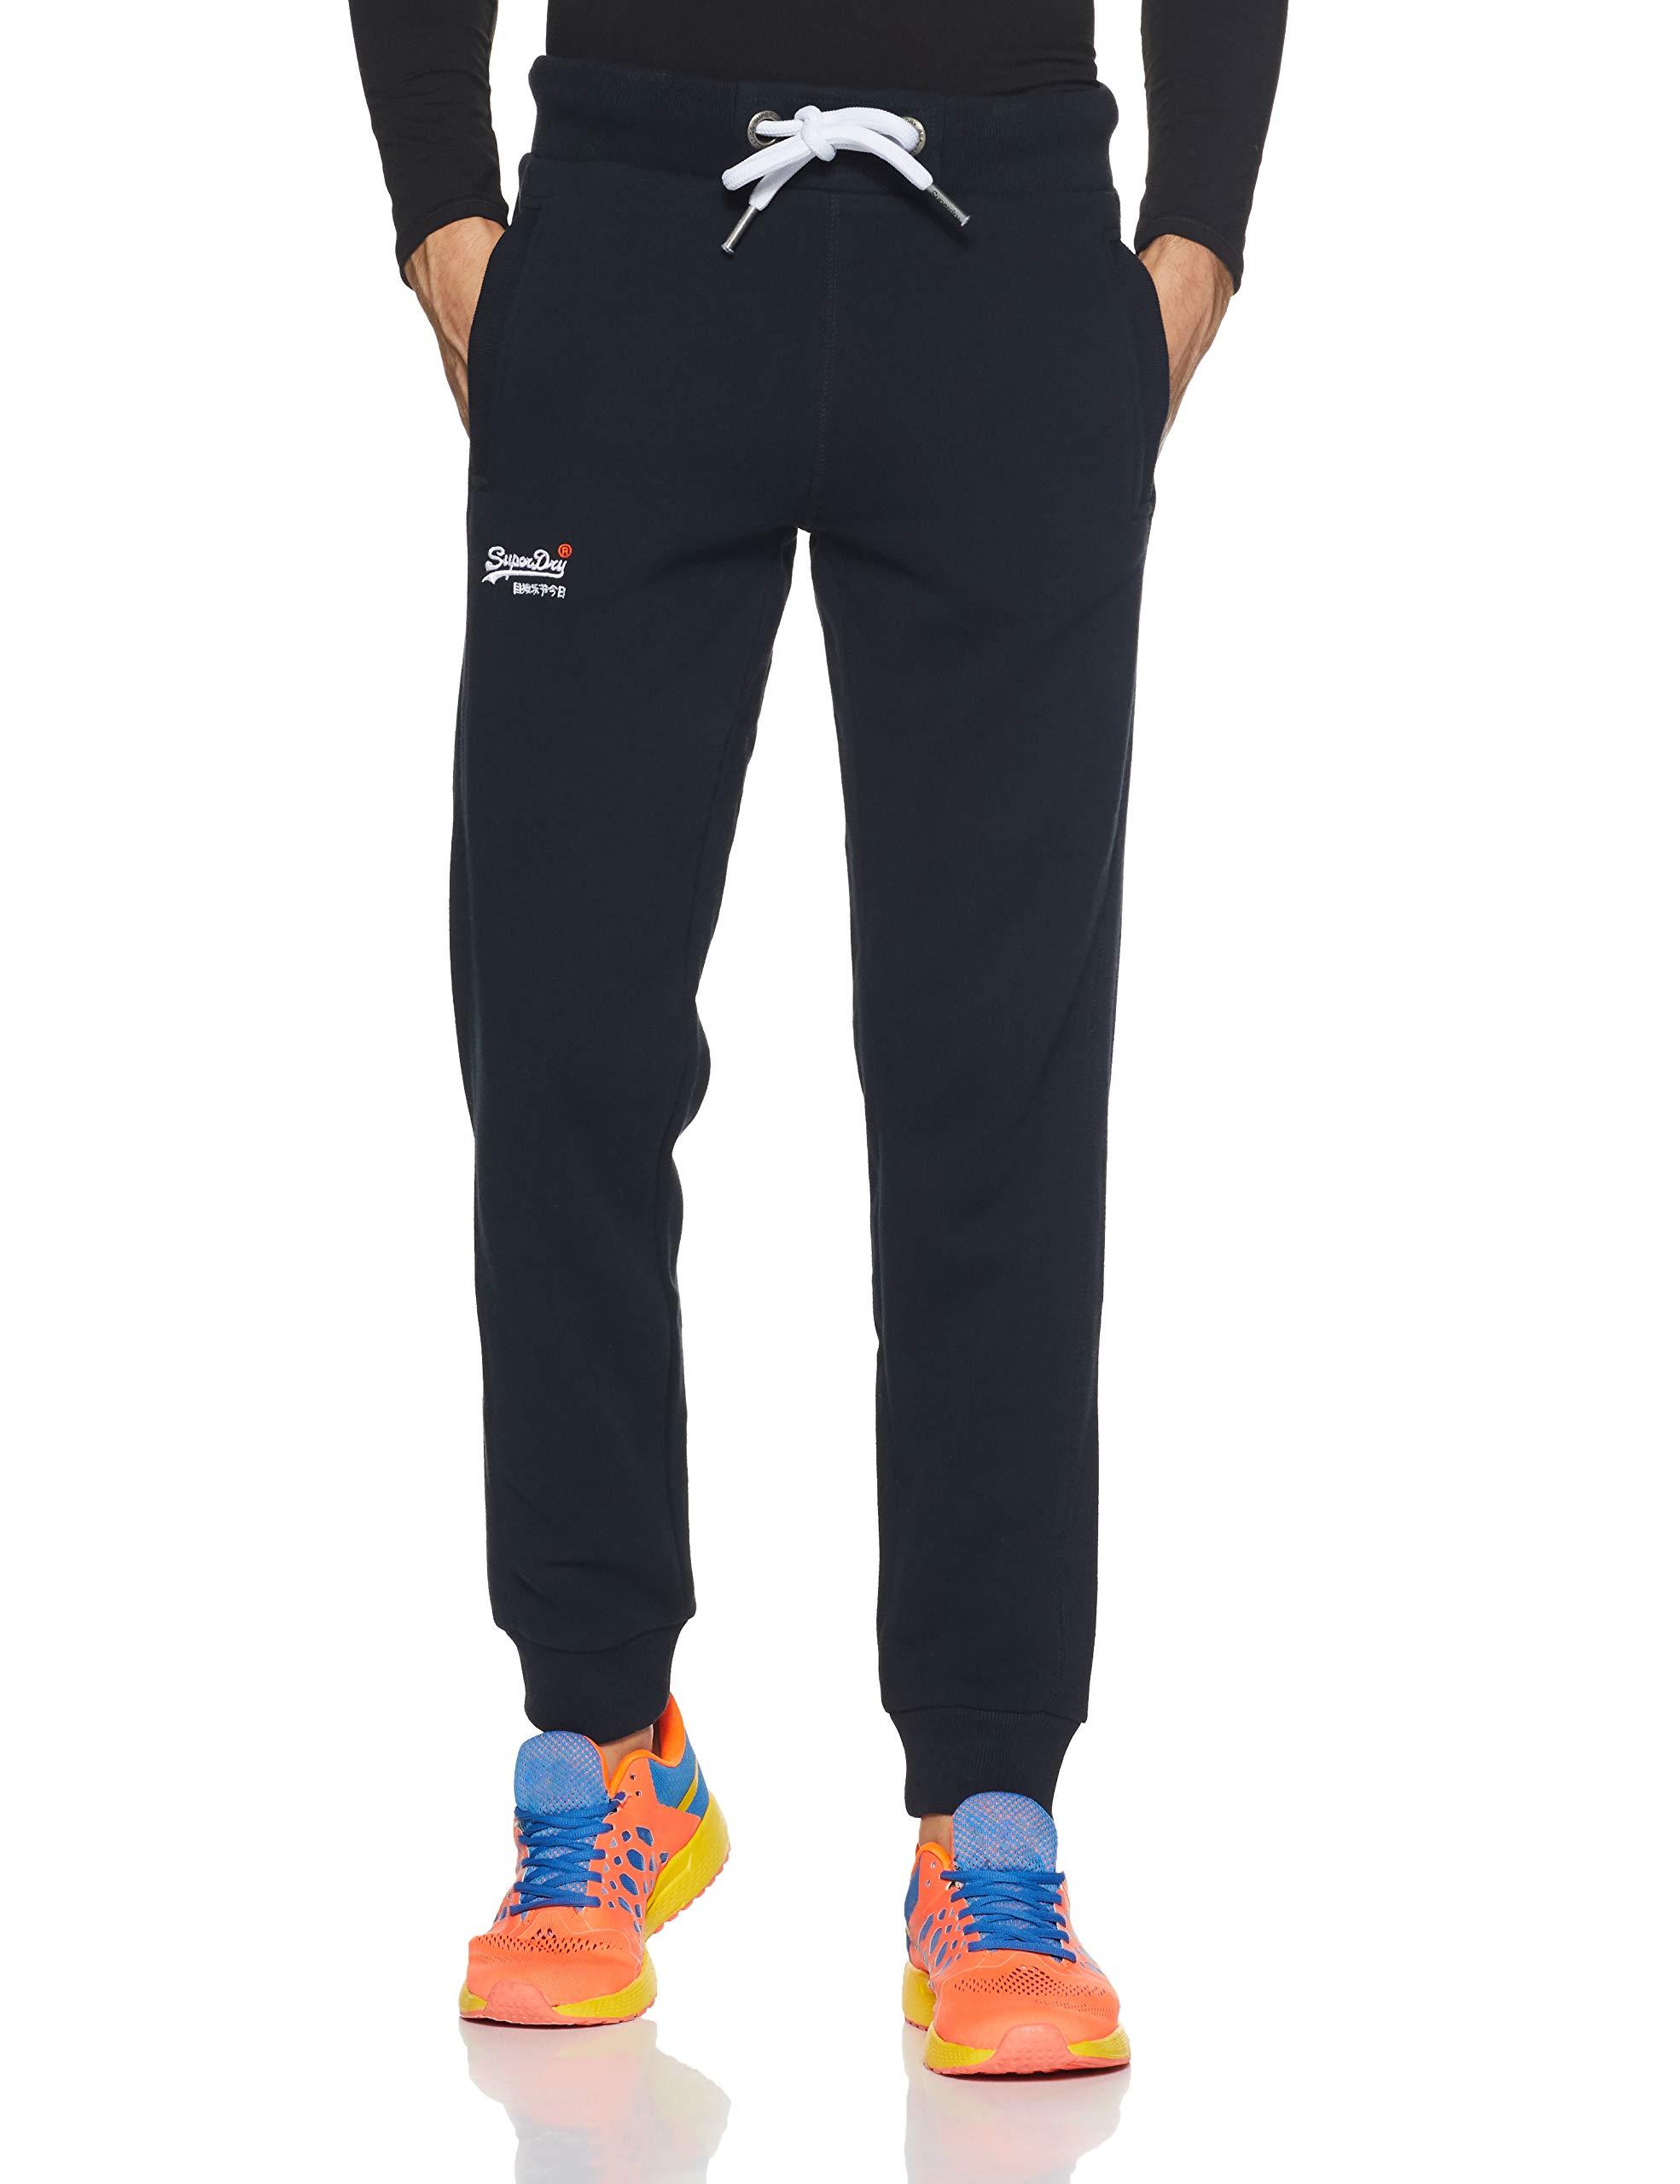 Jogger Navy Superdry SportBleueclipse FabricantXxx Label Pantalon 98t50taille largeHomme Orange De DH9IE2